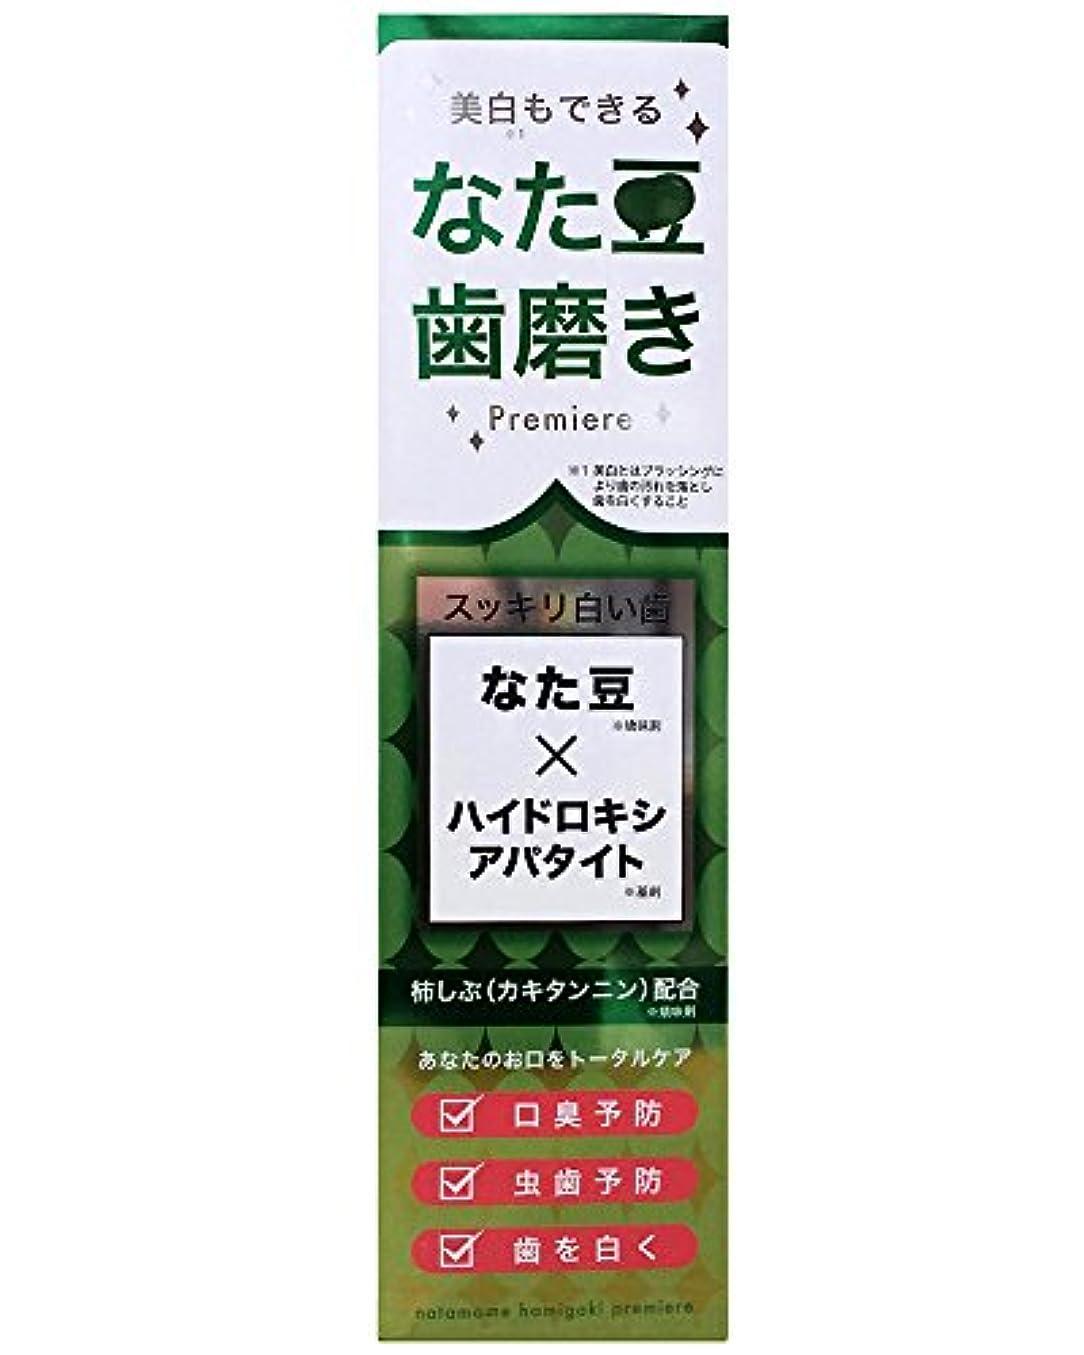 ピーブ周り保護なた豆歯磨きプレミア 120g